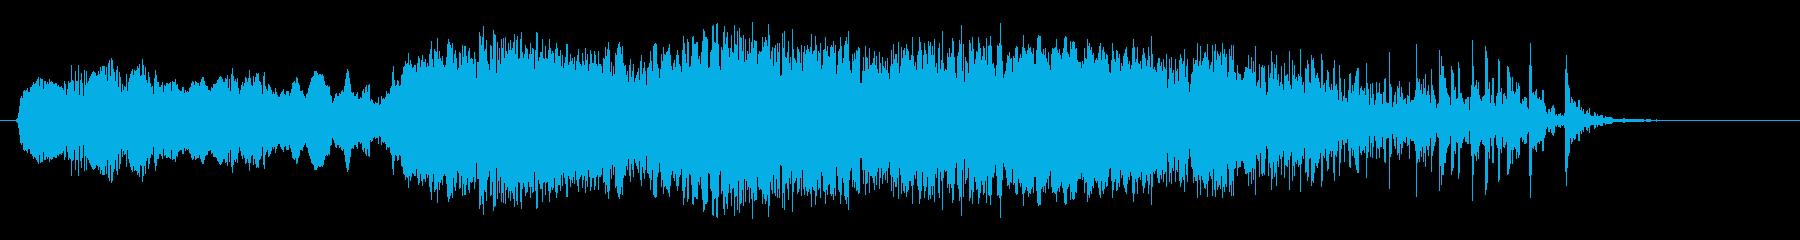 ヘビーインダストリアルクリークアン...の再生済みの波形